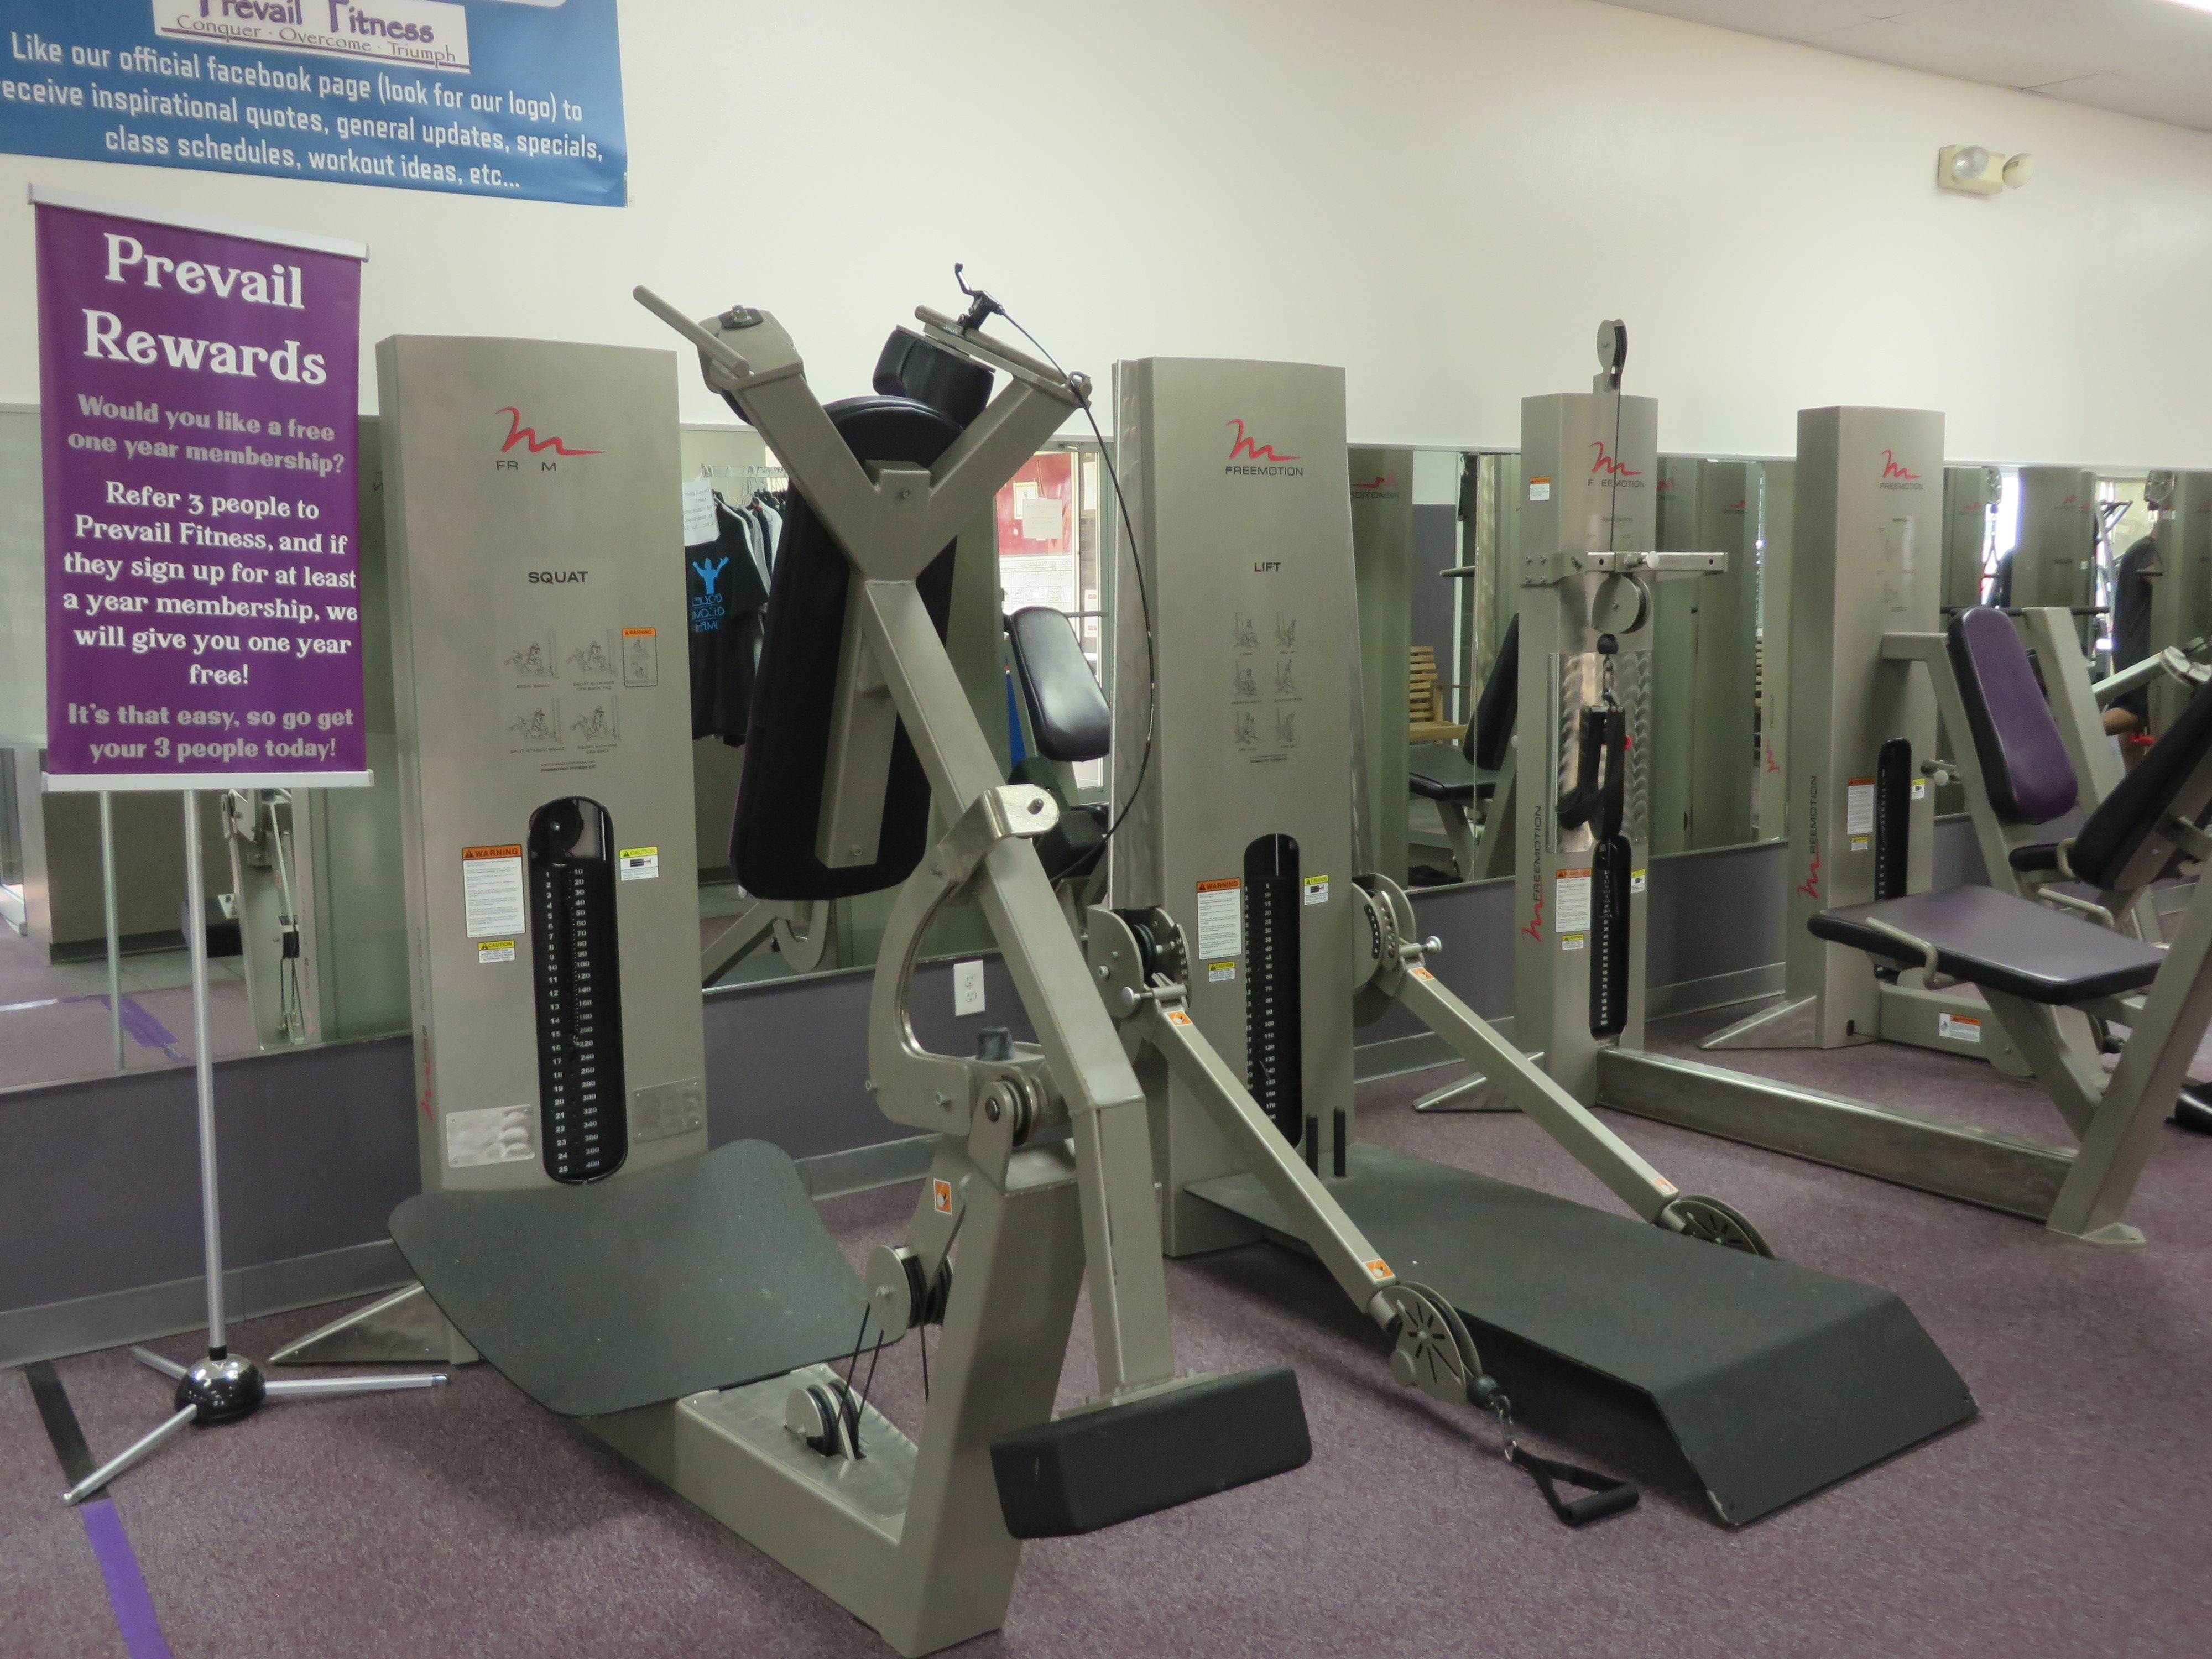 Conquer triumph gym workouts conquer triumph